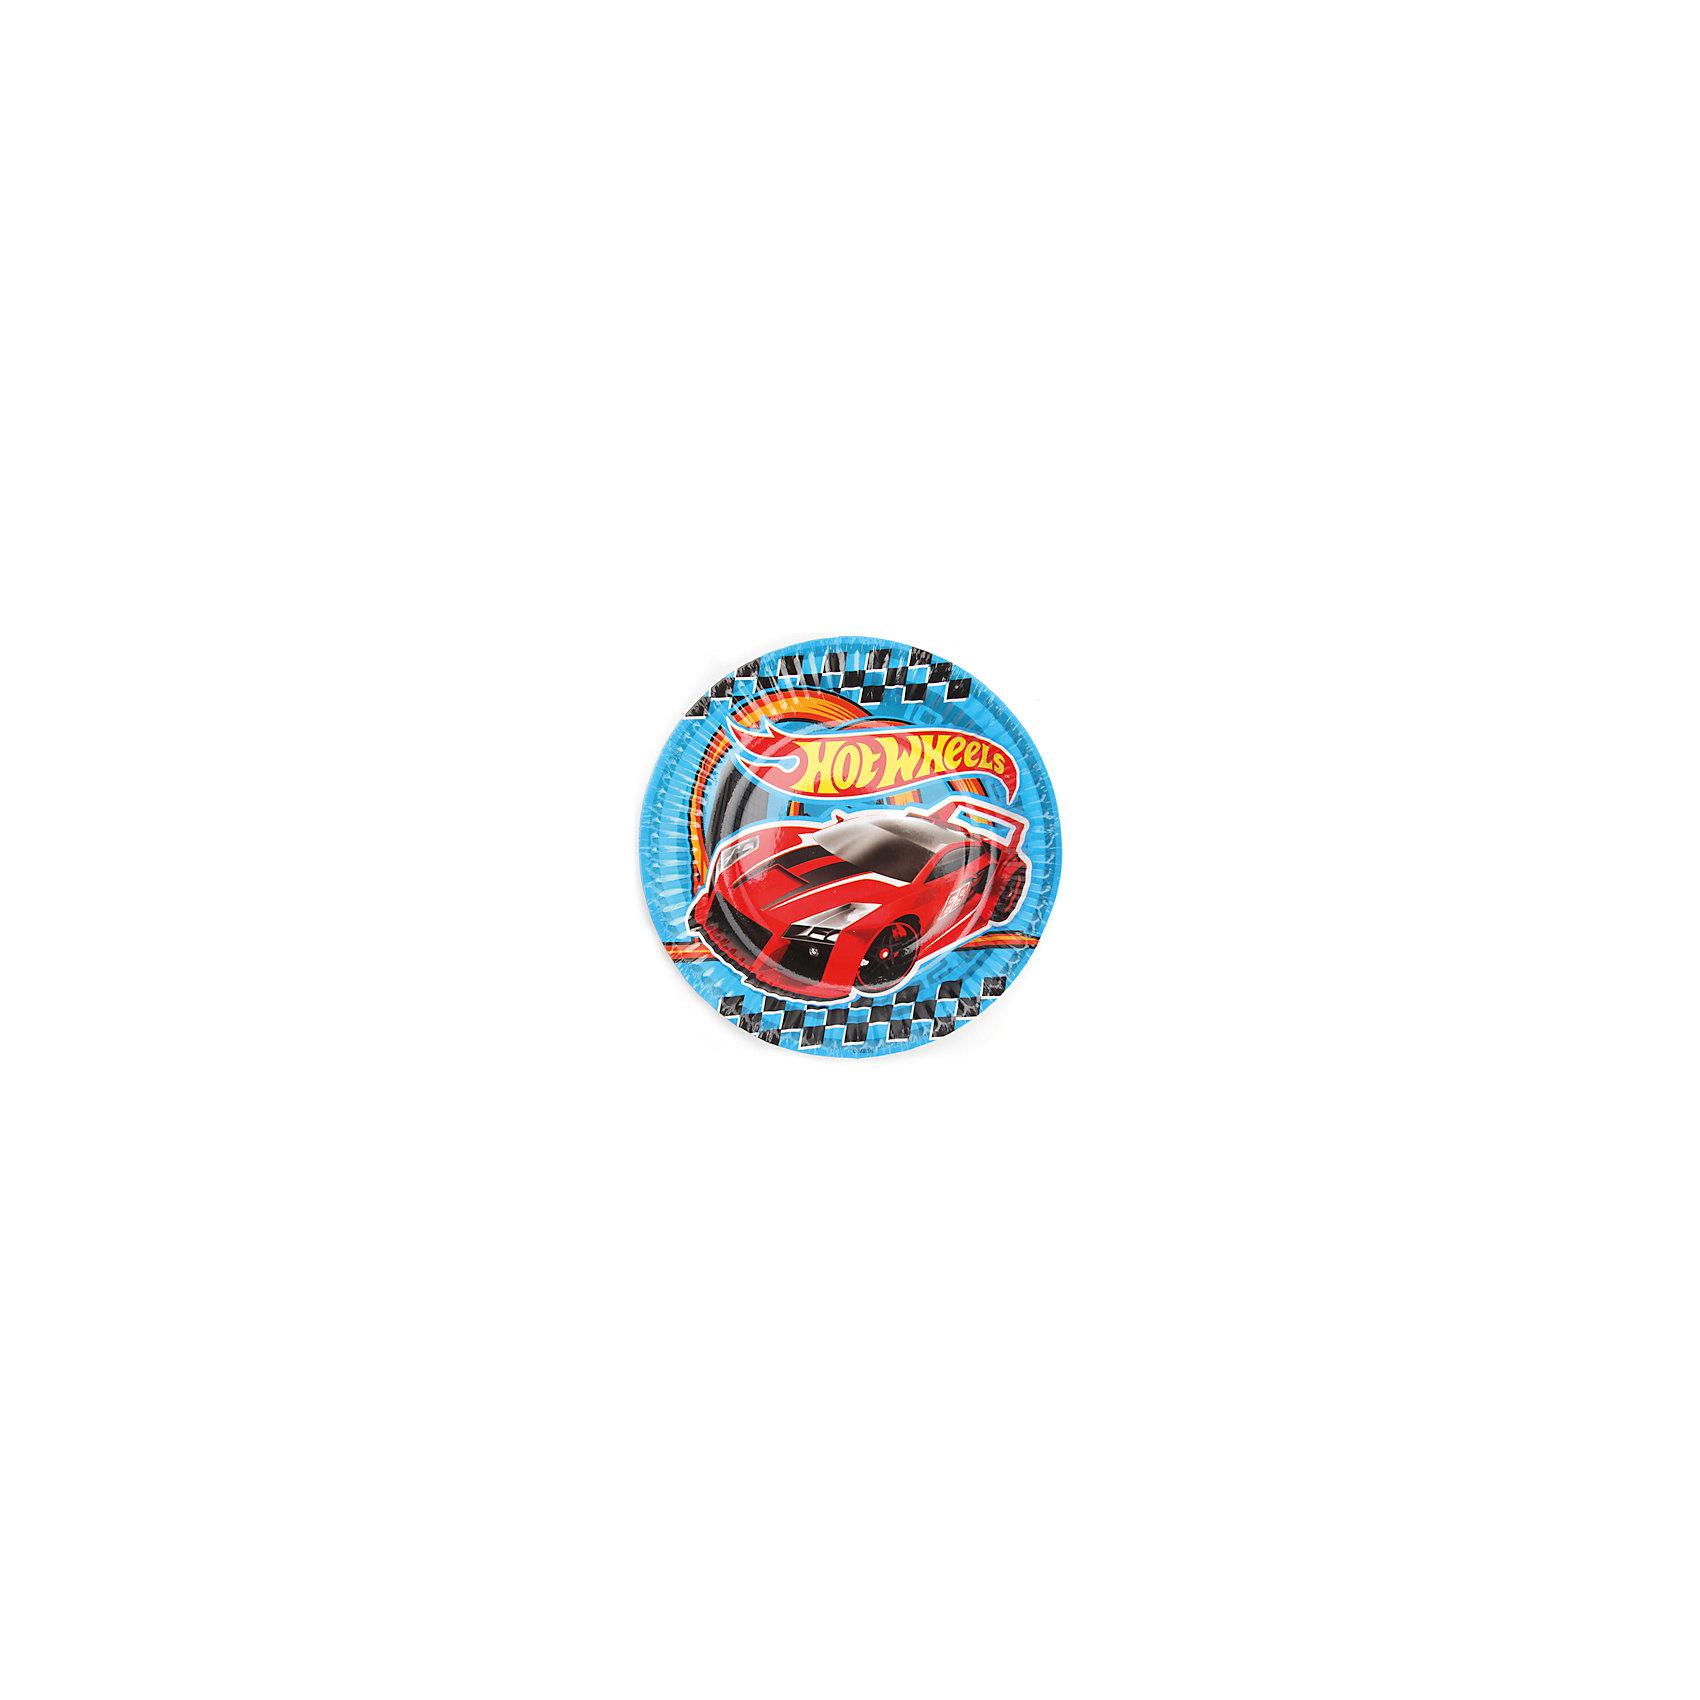 Набор из 6-и тарелок, Hot WheelsHot Wheels<br>В красивой посуде и еда кажется вкусней. По крайней мере, так думают дети. Им нравятся стильные и яркие вещи, даже если это просто посуда. Одноразовые бумажные тарелки Hot Wheels немного оживят праздничный стол и добавят в него свой колорит. <br><br>Дополнительная информация:<br><br>- Материал: плотный картон.<br>- Комплект: 6 шт.<br>- Диаметр: 18 см.<br>- Размер упаковки: 20х26х2 см.<br>- Вес в упаковке: 70 г.<br><br>Купить набор из 6-и тарелок, Hot Wheels,  можно в нашем магазине.<br><br>Ширина мм: 20<br>Глубина мм: 26<br>Высота мм: 2<br>Вес г: 70<br>Возраст от месяцев: 12<br>Возраст до месяцев: 2147483647<br>Пол: Мужской<br>Возраст: Детский<br>SKU: 4797416